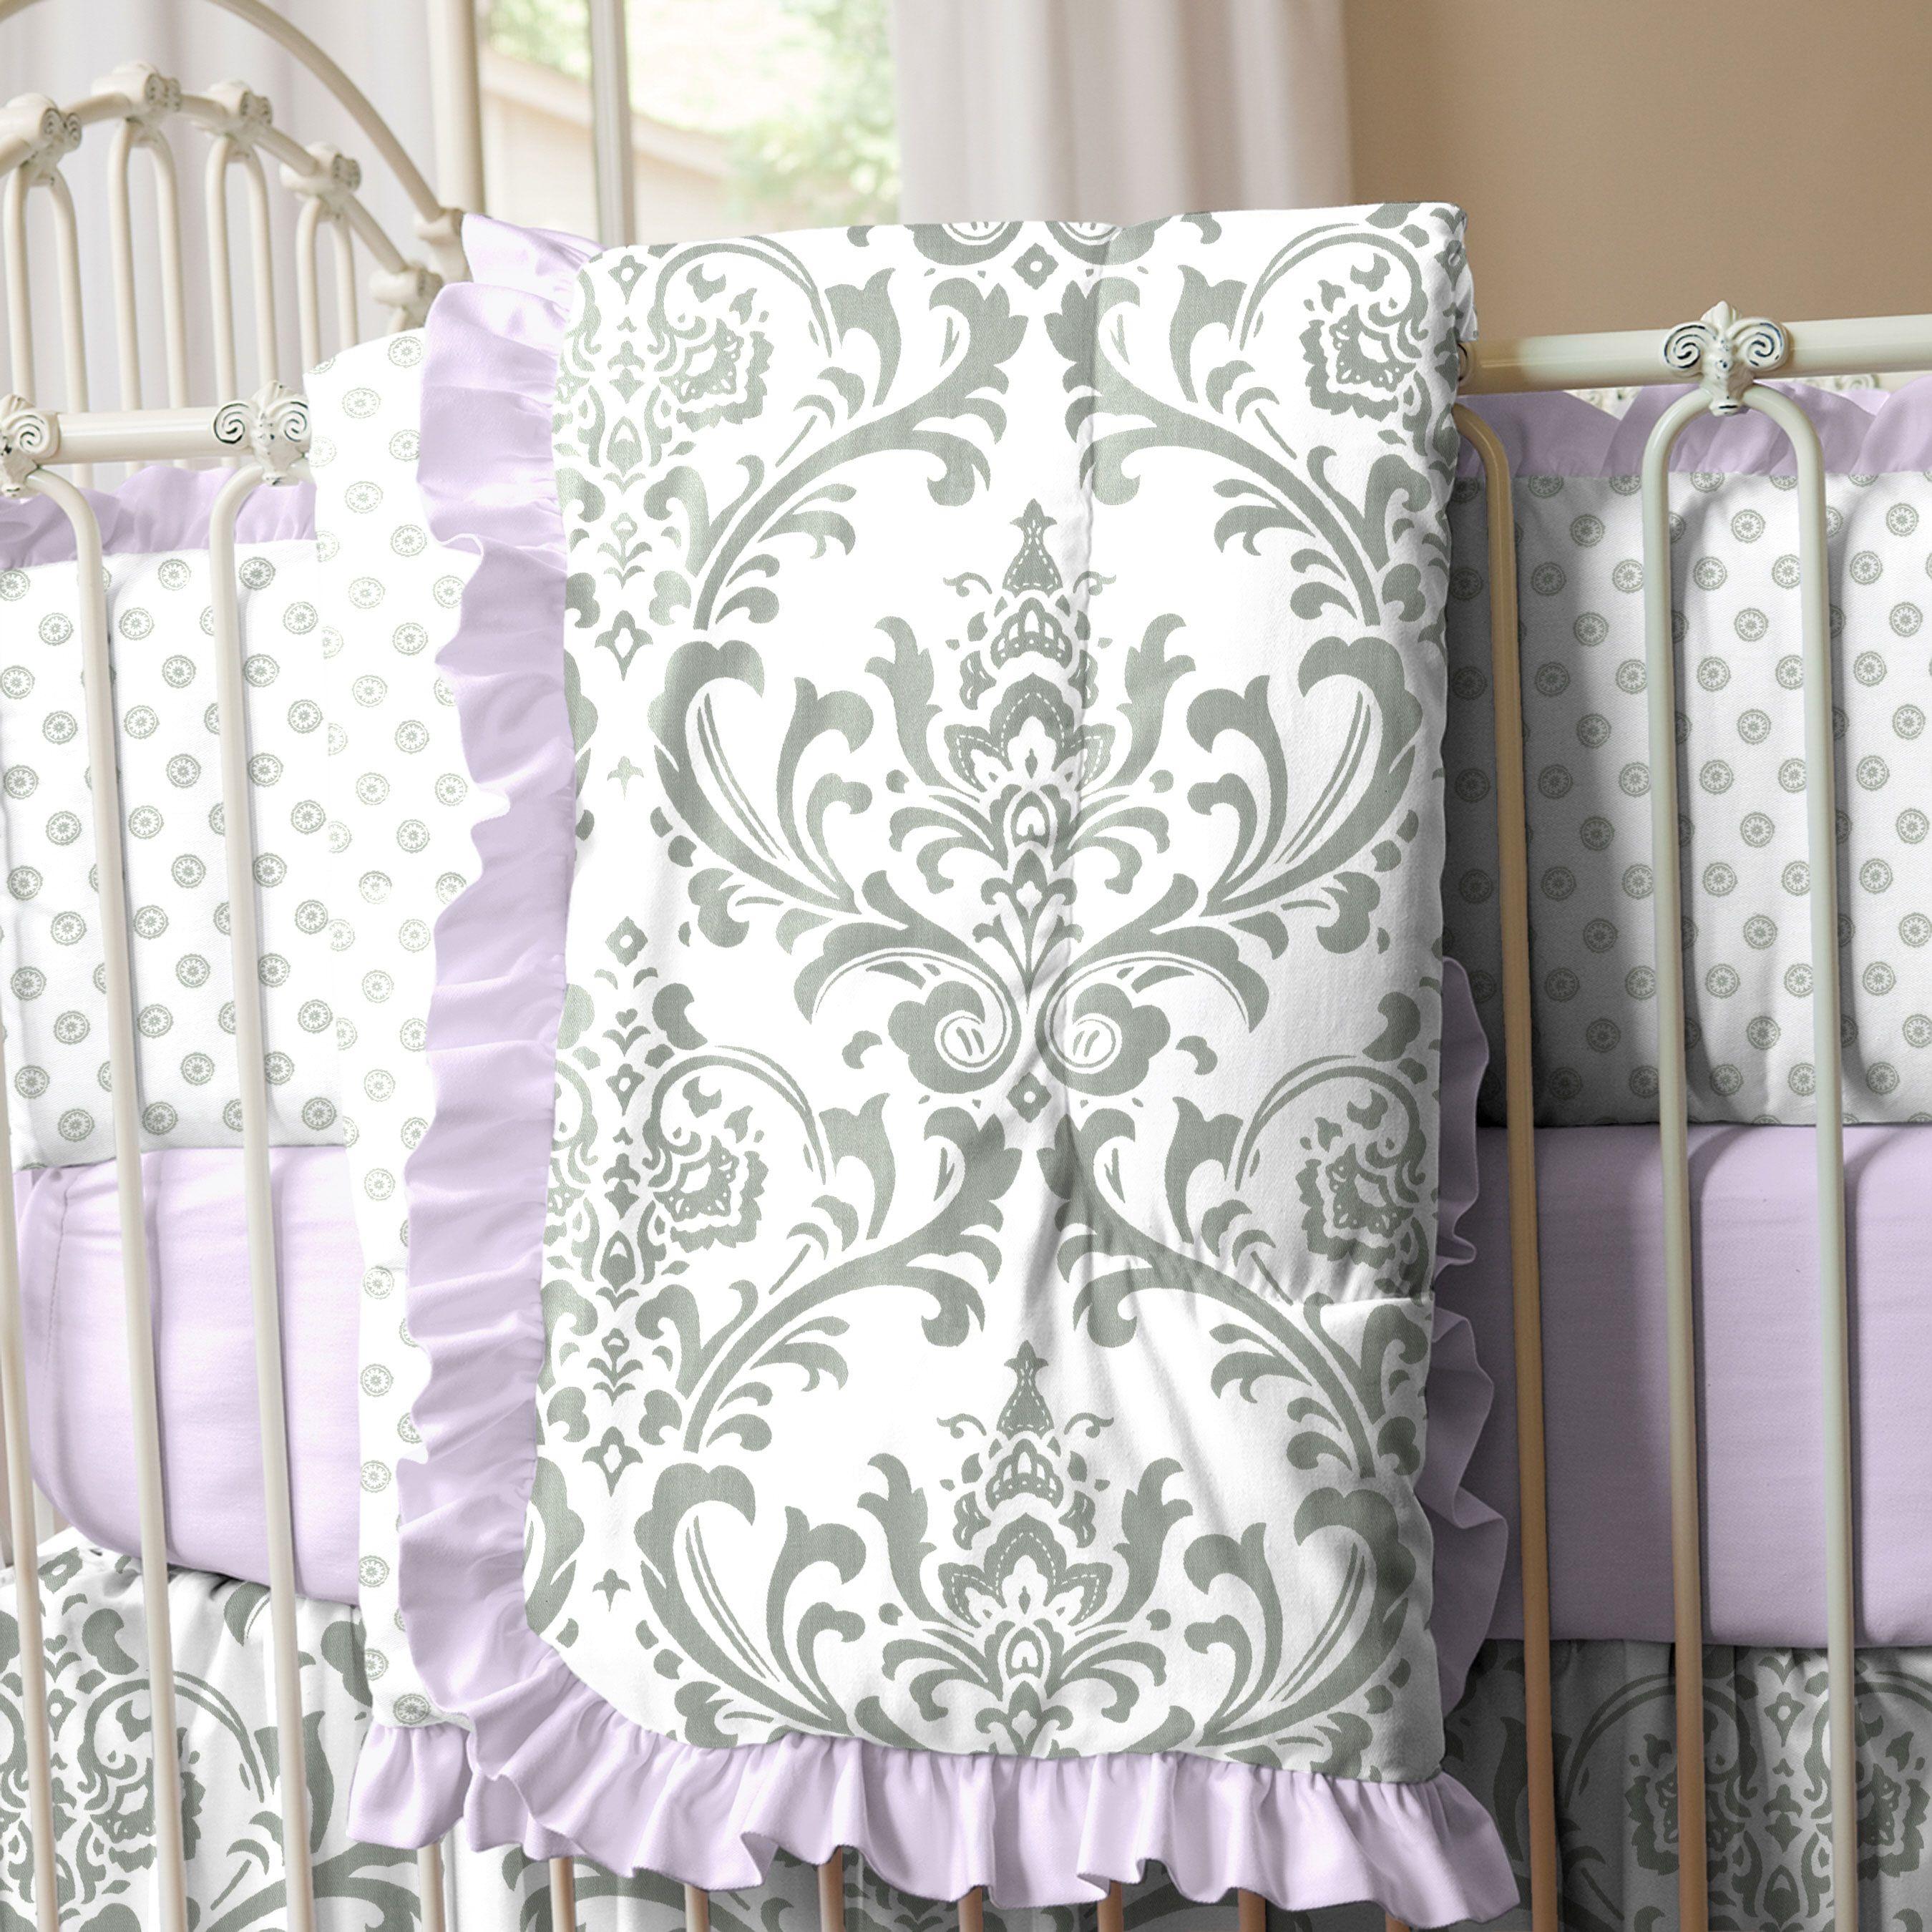 Lilac And Gray Traditions Damask Crib Comforter Damask